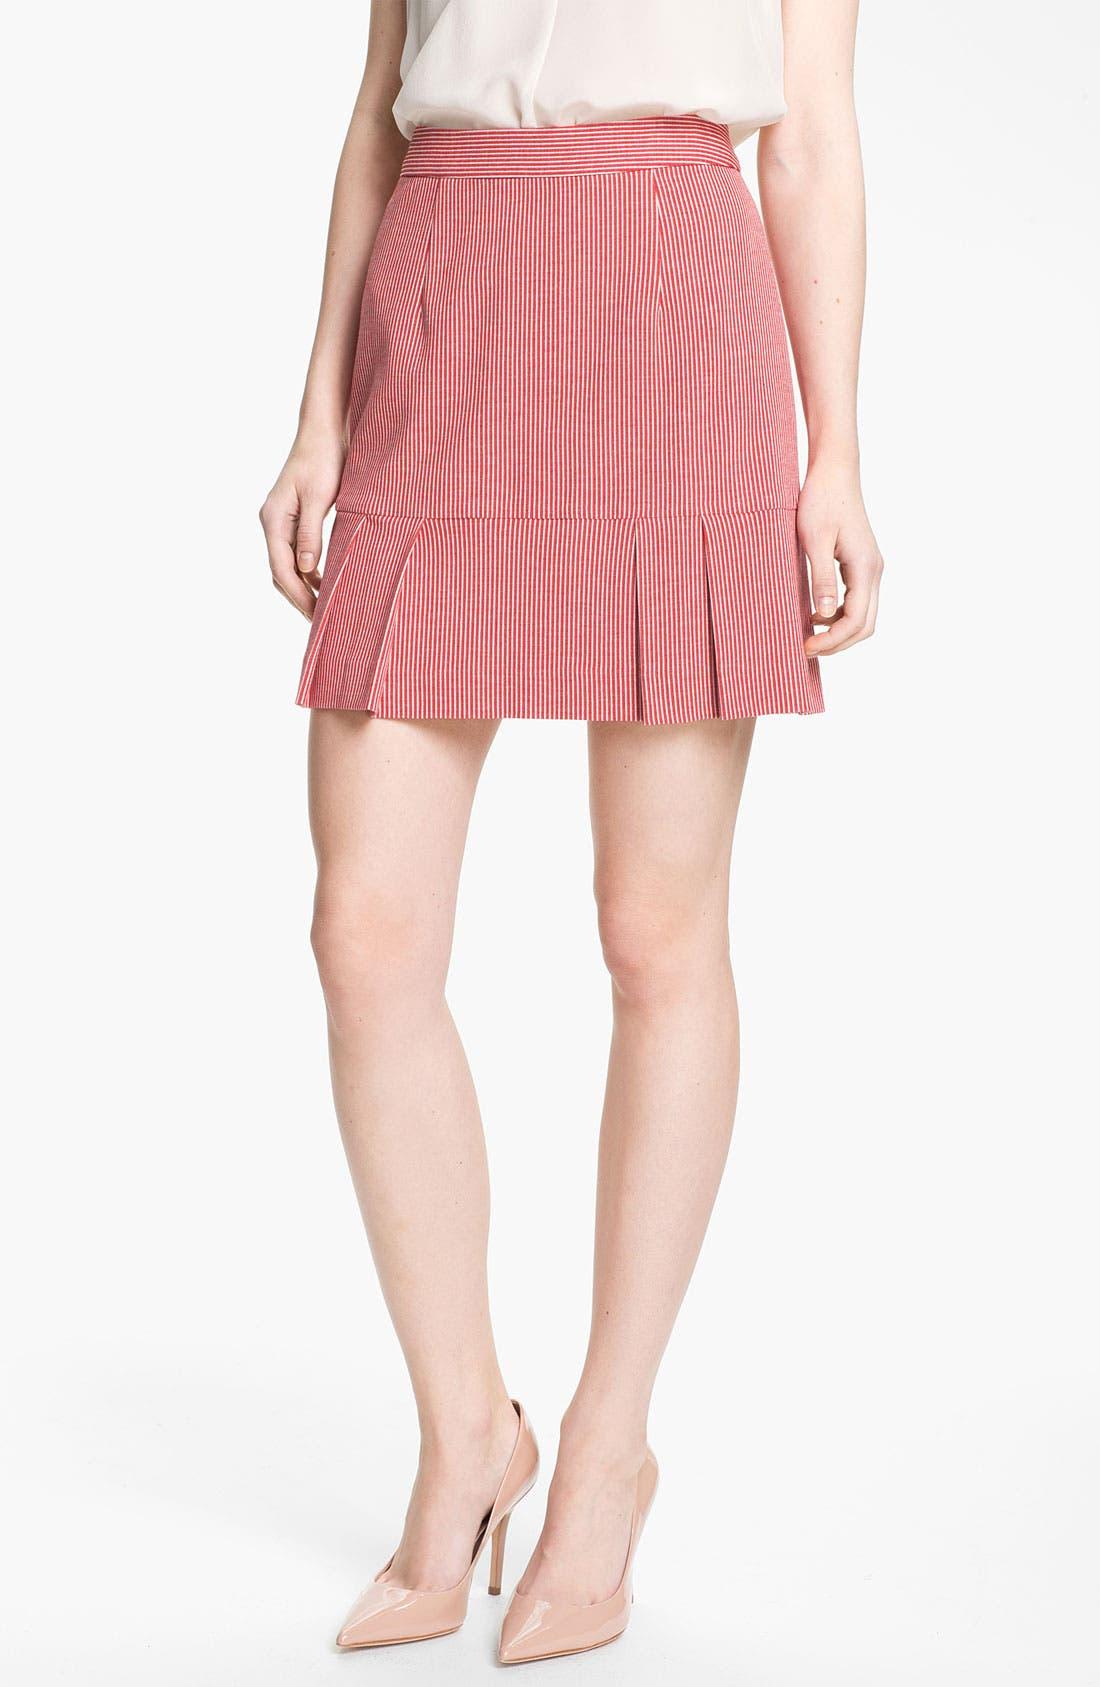 Alternate Image 1 Selected - Nanette Lepore 'Lasso' Skirt